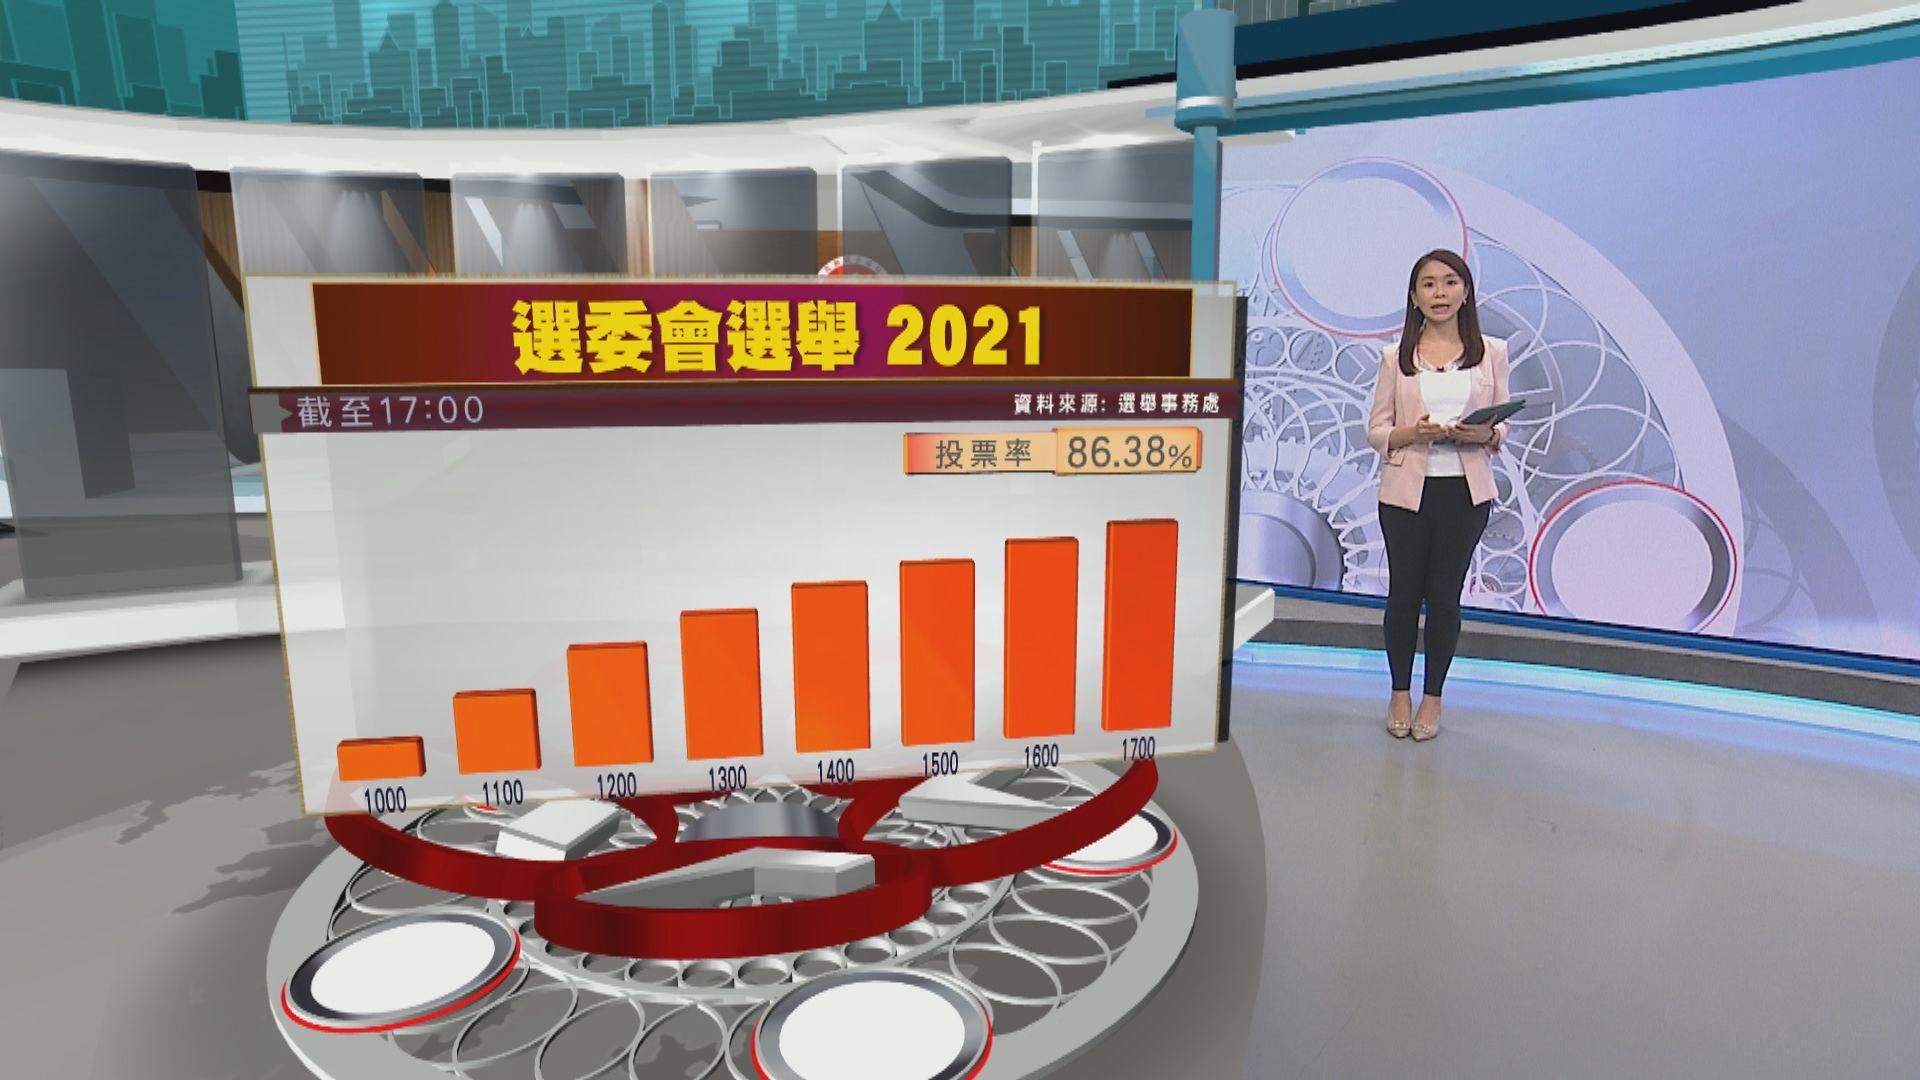 【選委會選舉】截至下午5時投票率約八成六 歷屆最高